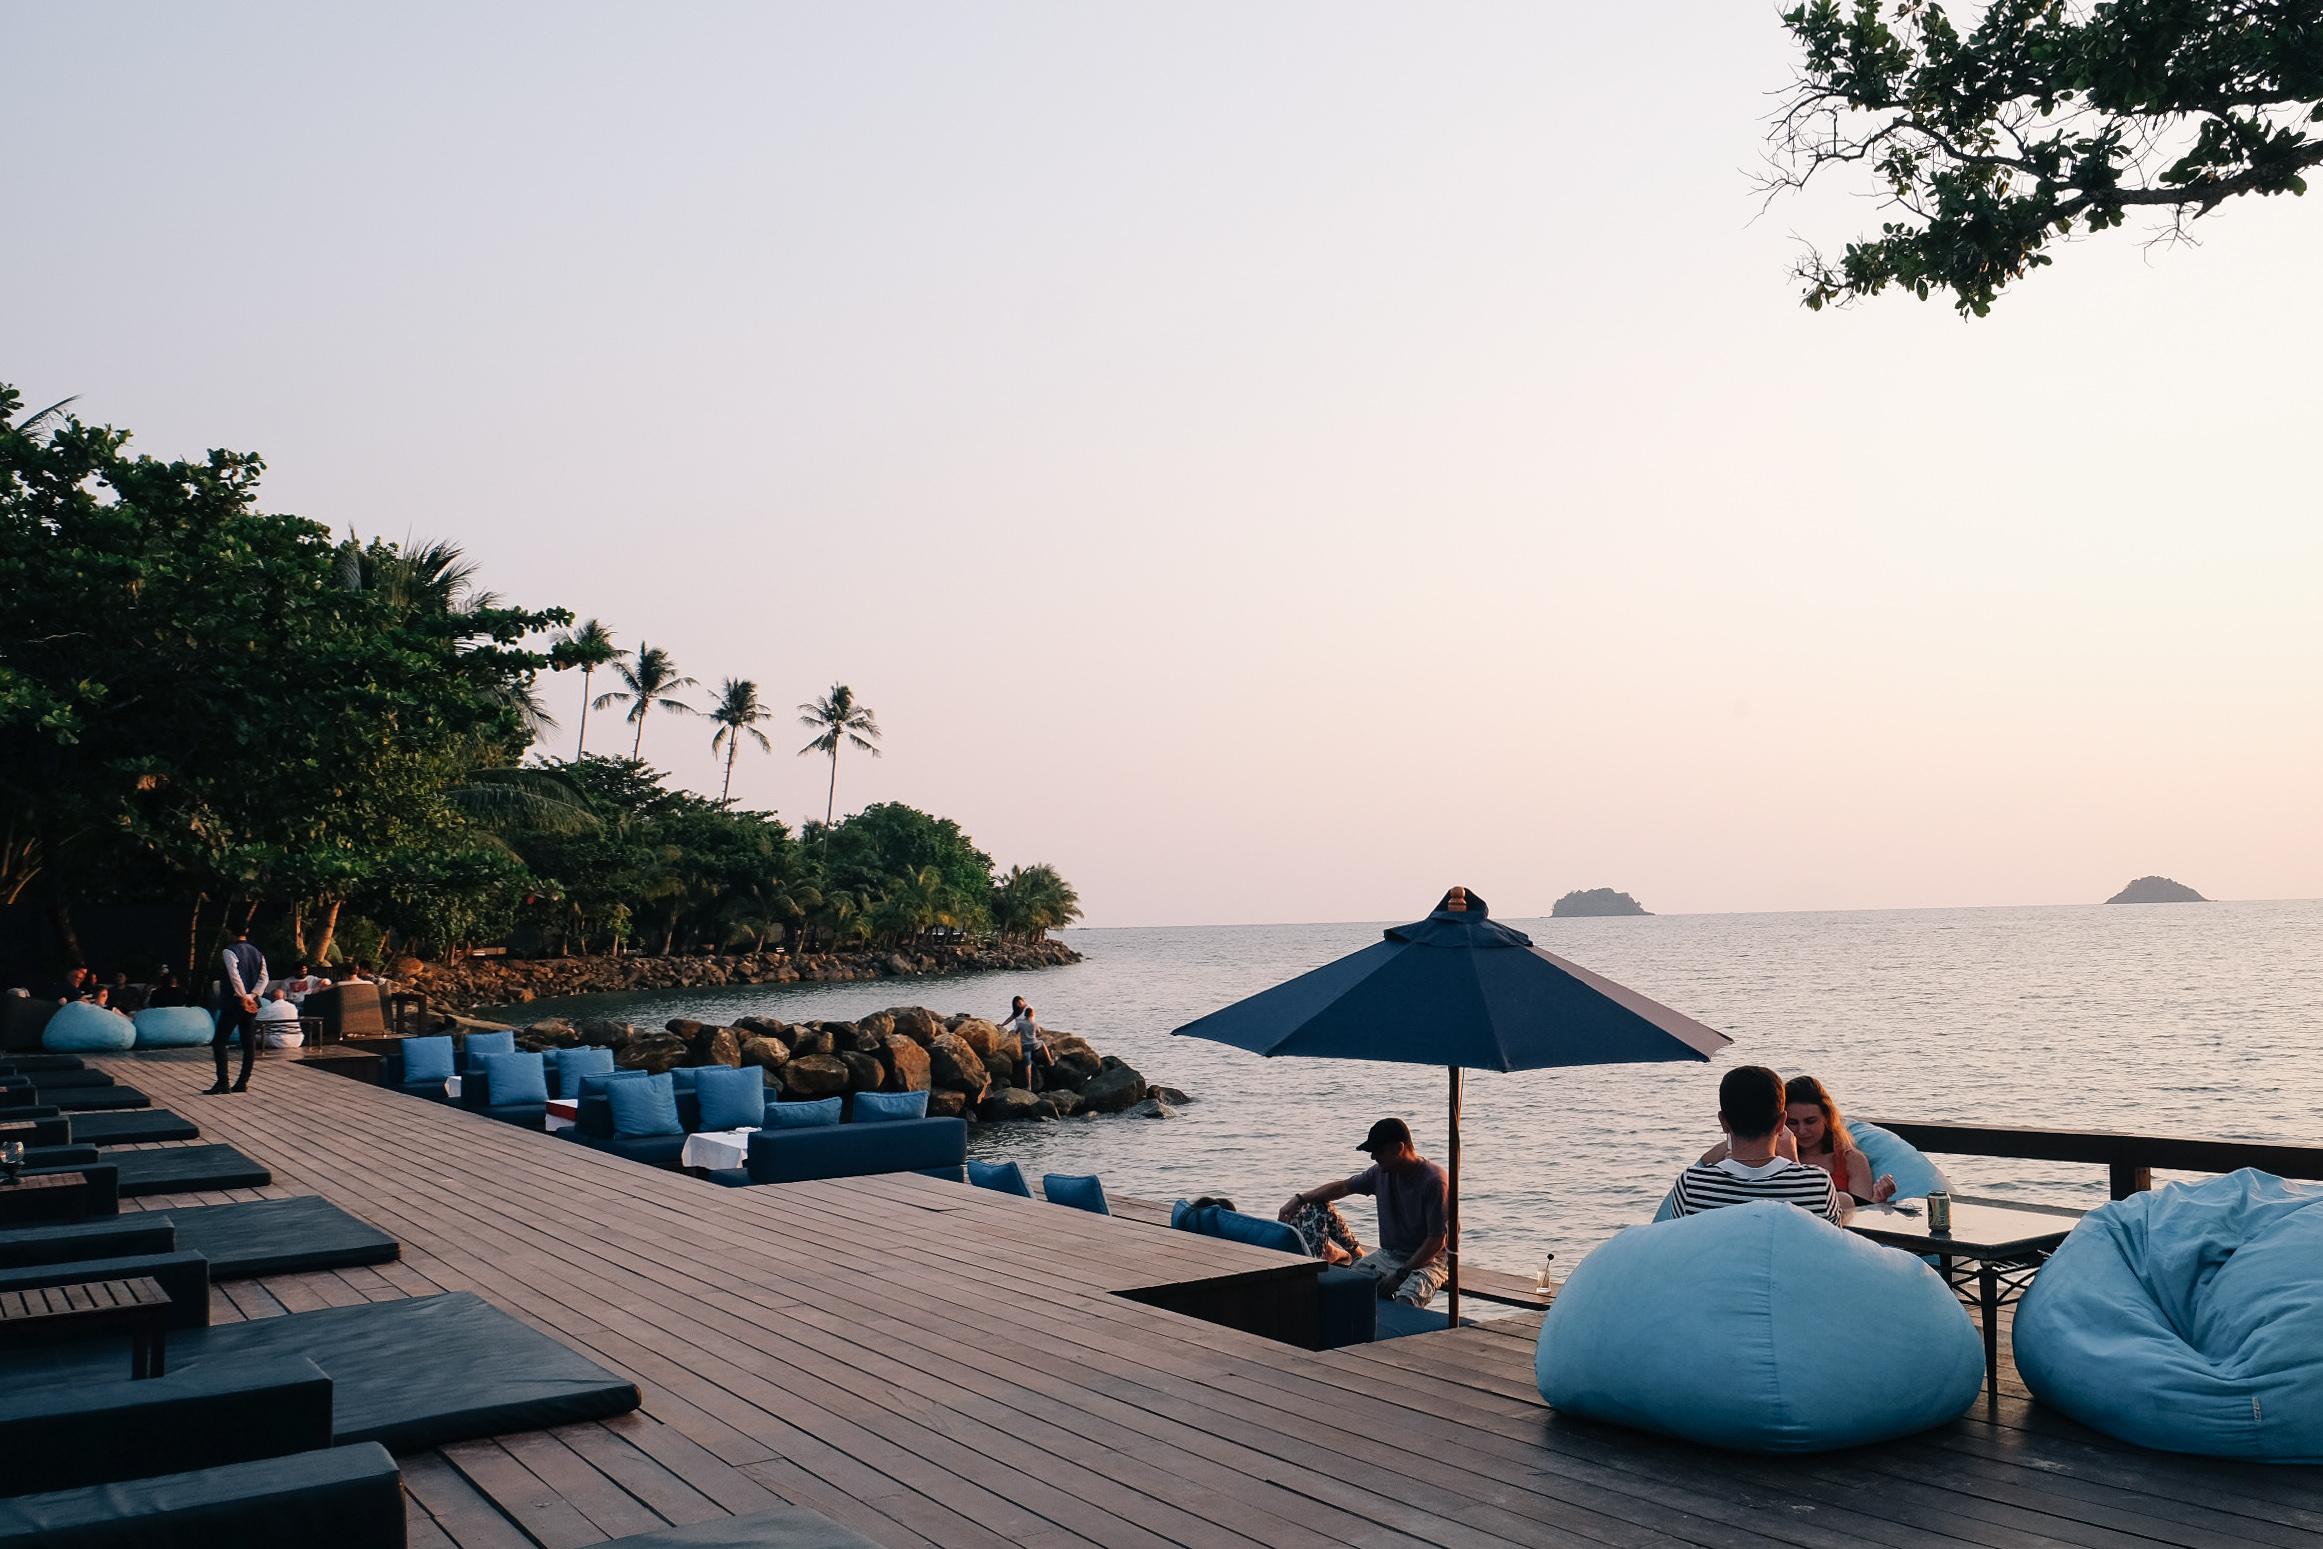 AWA Resort เกาะช้าง มาใช้ชีวิตแบบ unplan ผ่อนคลายและพักผ่อนได้เต็มที่